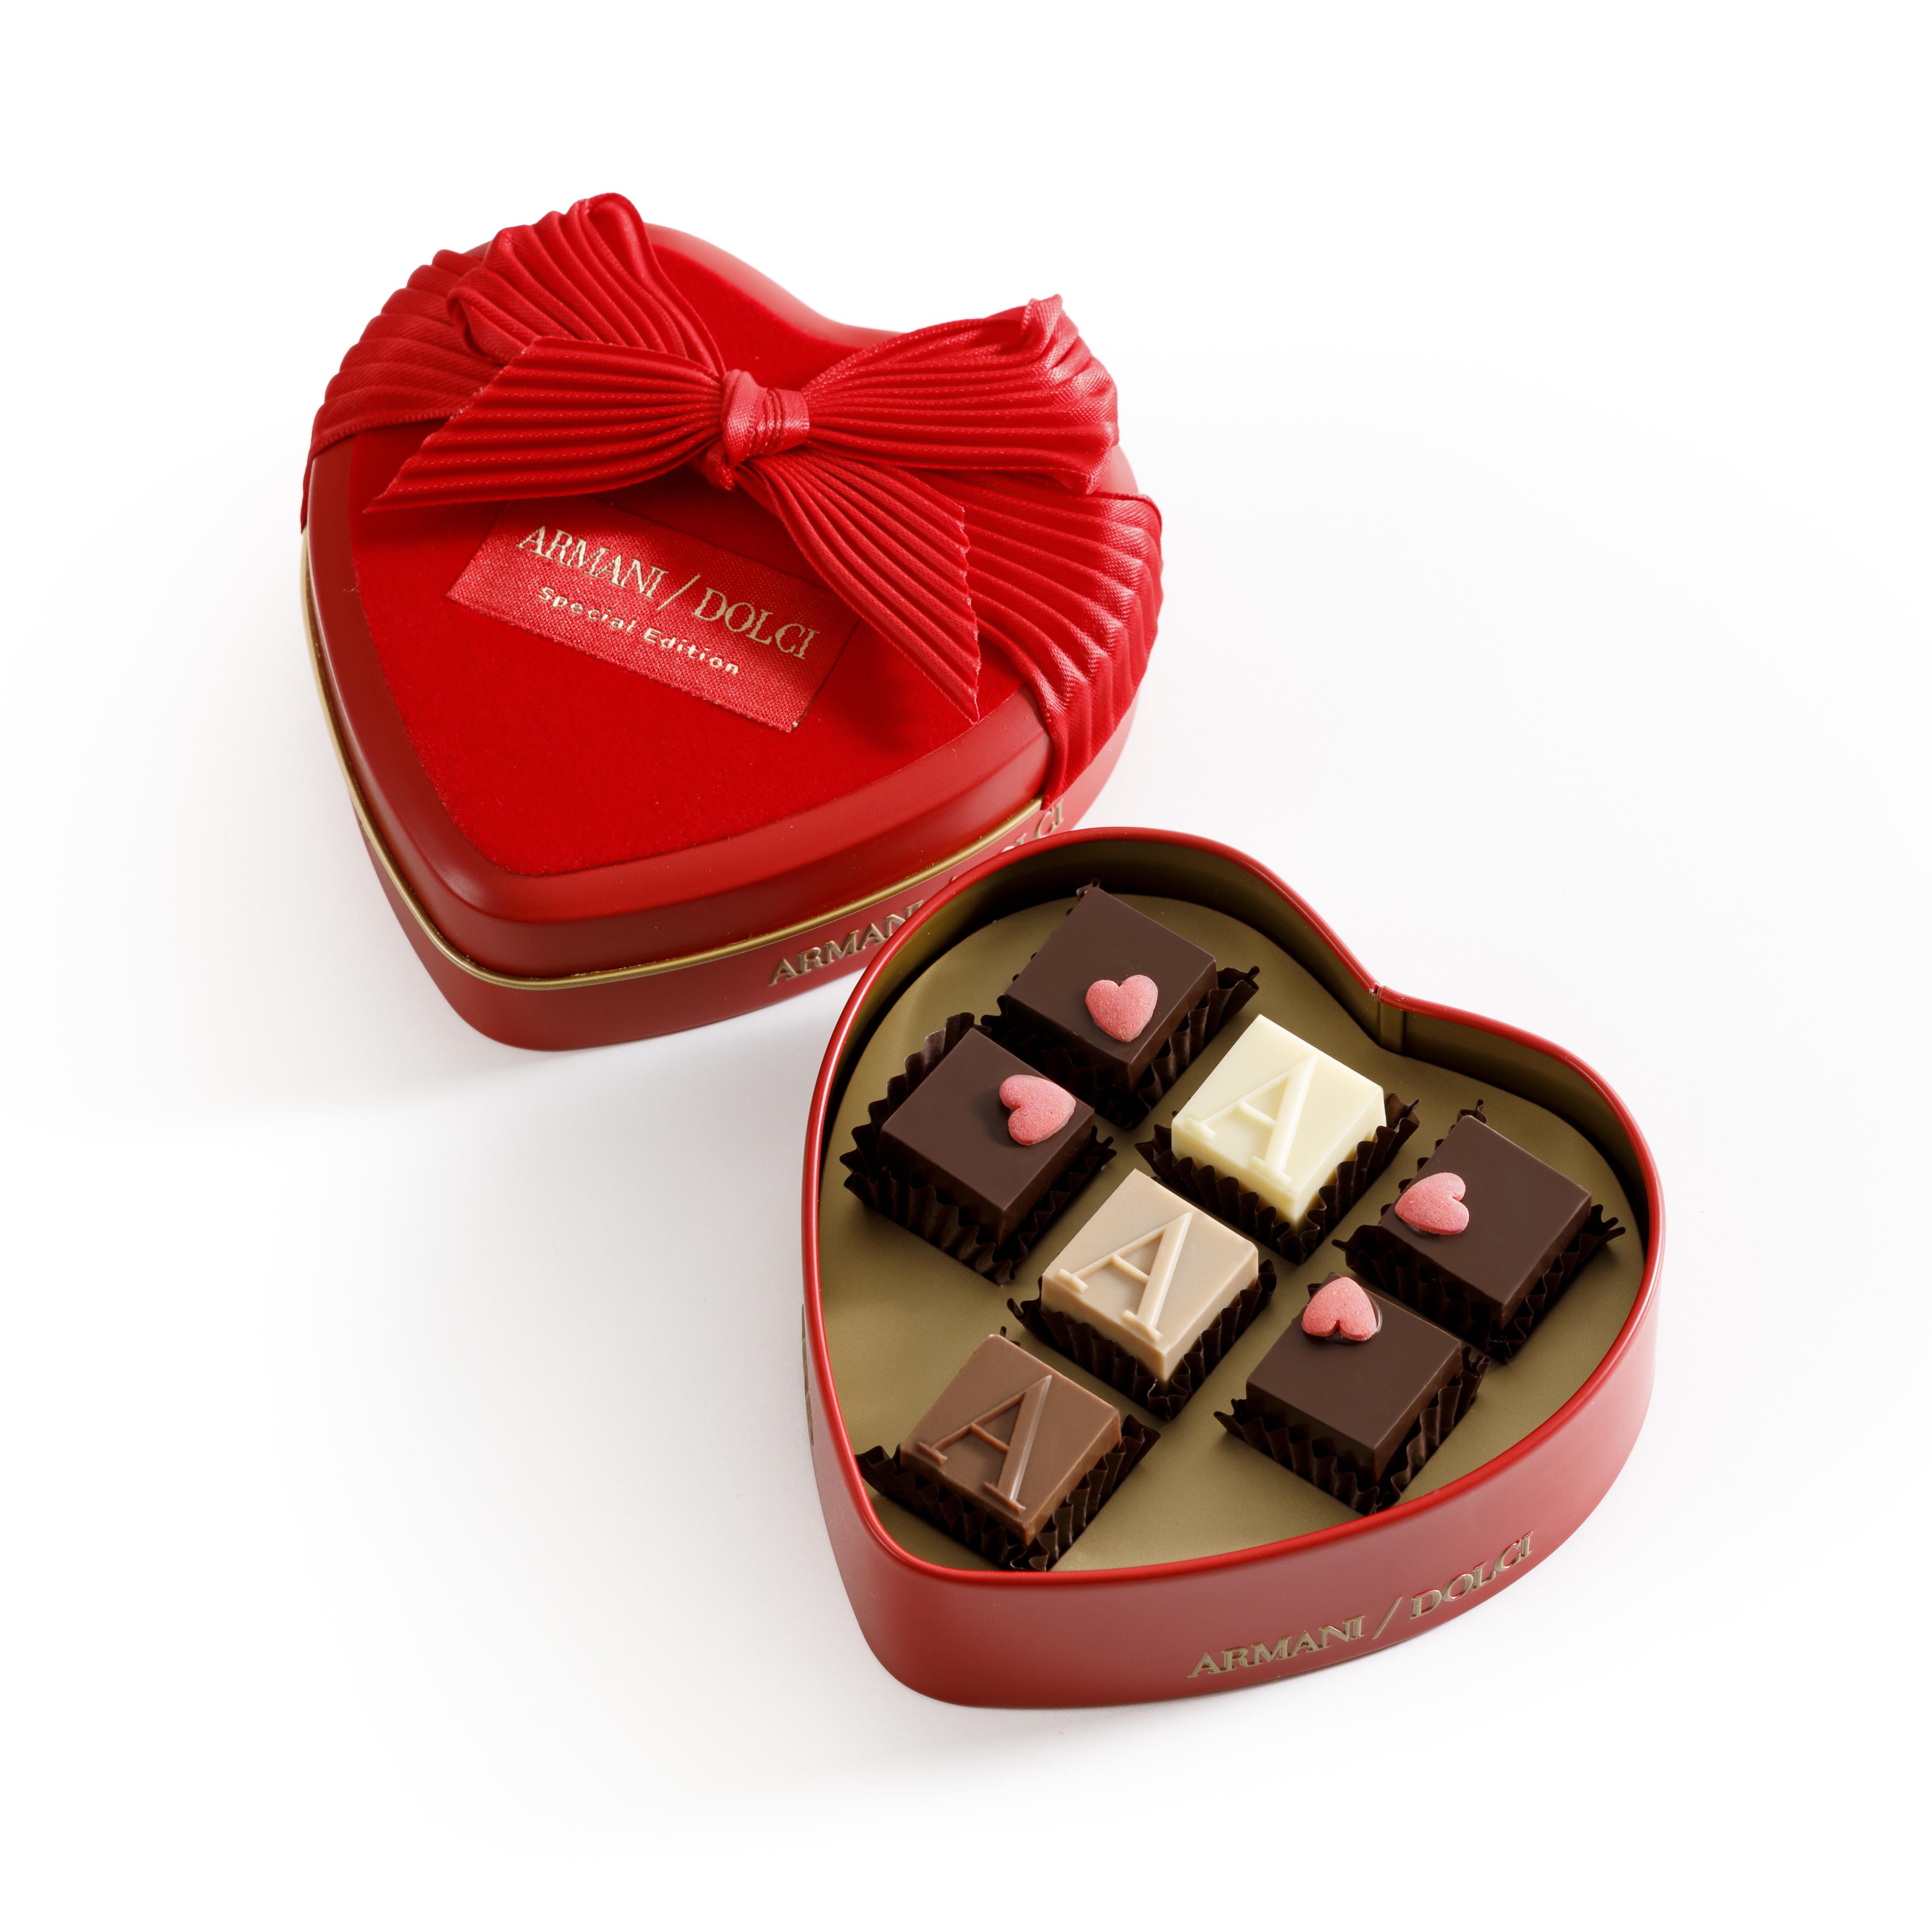 まだ間に合う!!高級ブランドのバレンタインチョコ!アルマーニ ドルチ!!